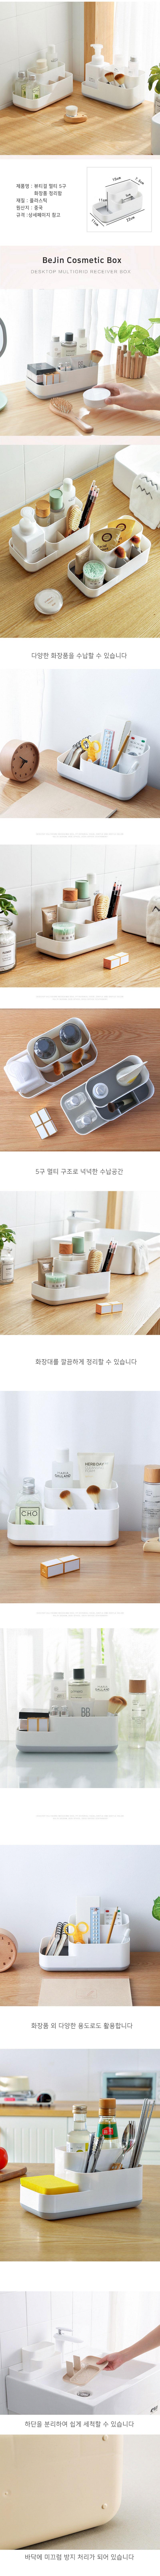 비진 뷰티걸 멀티 5구 화장품 정리 수납함 - 제로투원, 5,980원, 정리함, 화장품정리함